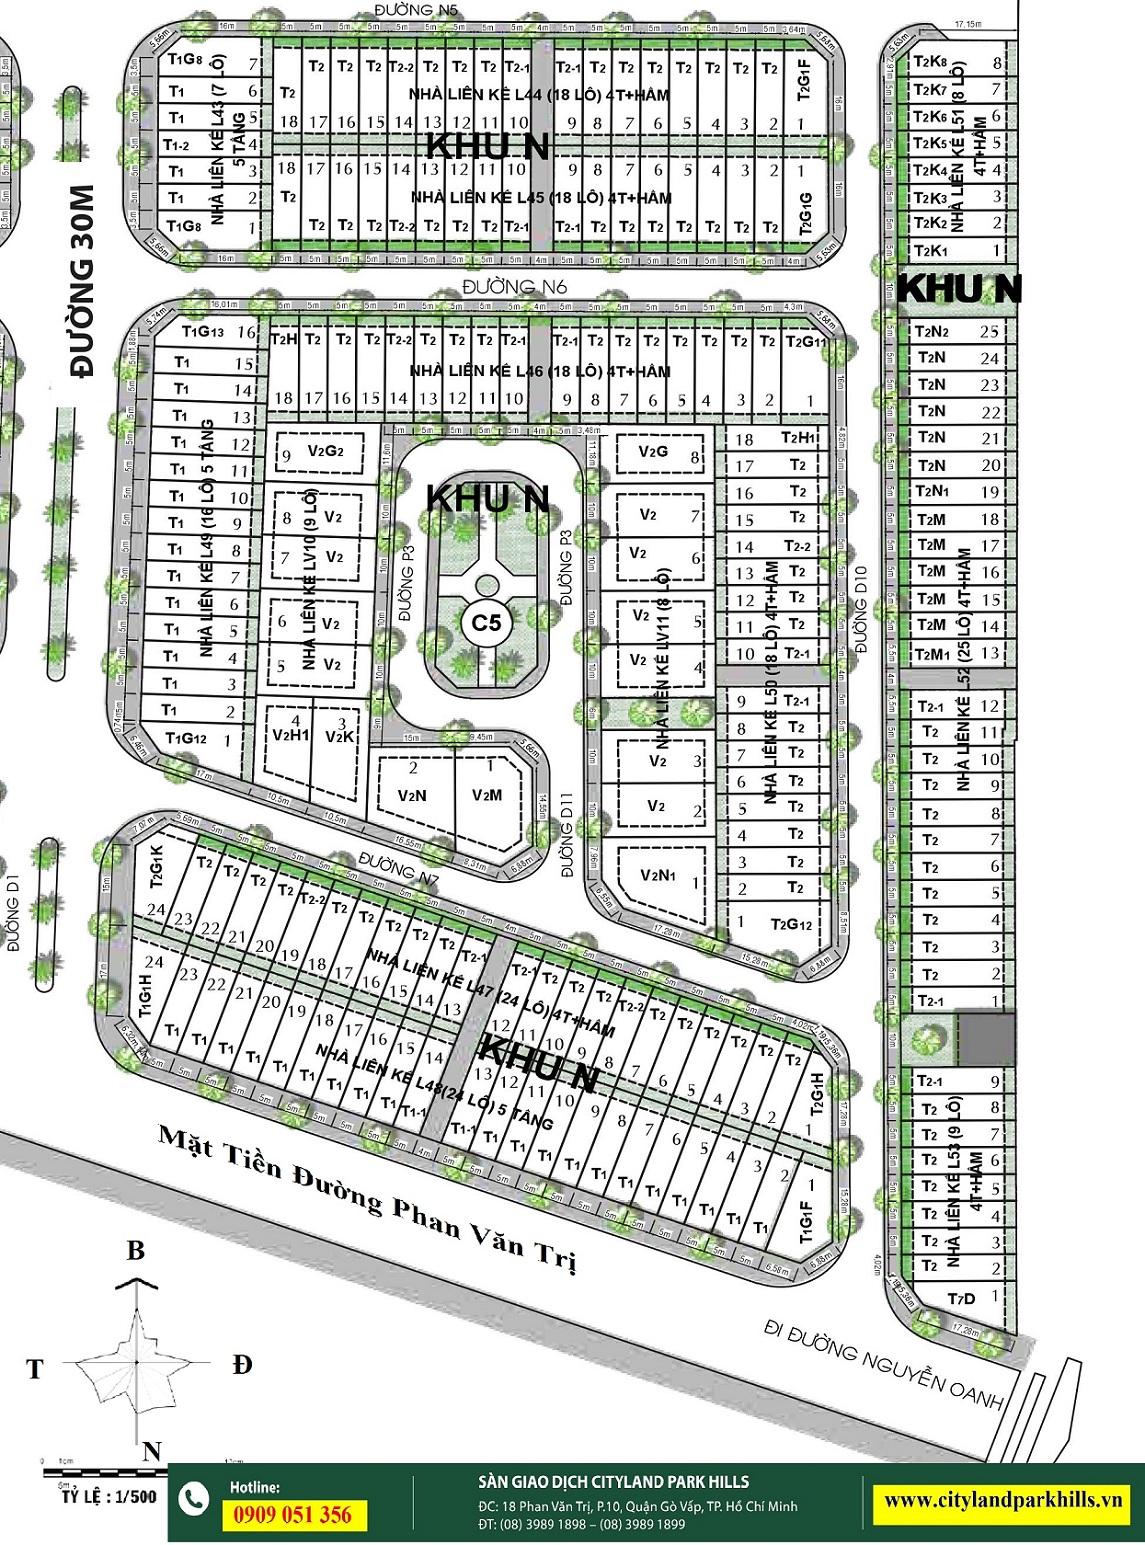 Dự Án Cityland Park Hills Gò Vấp - Mở Bán Nhà Phố Đợt 4 Tháng 4.2018